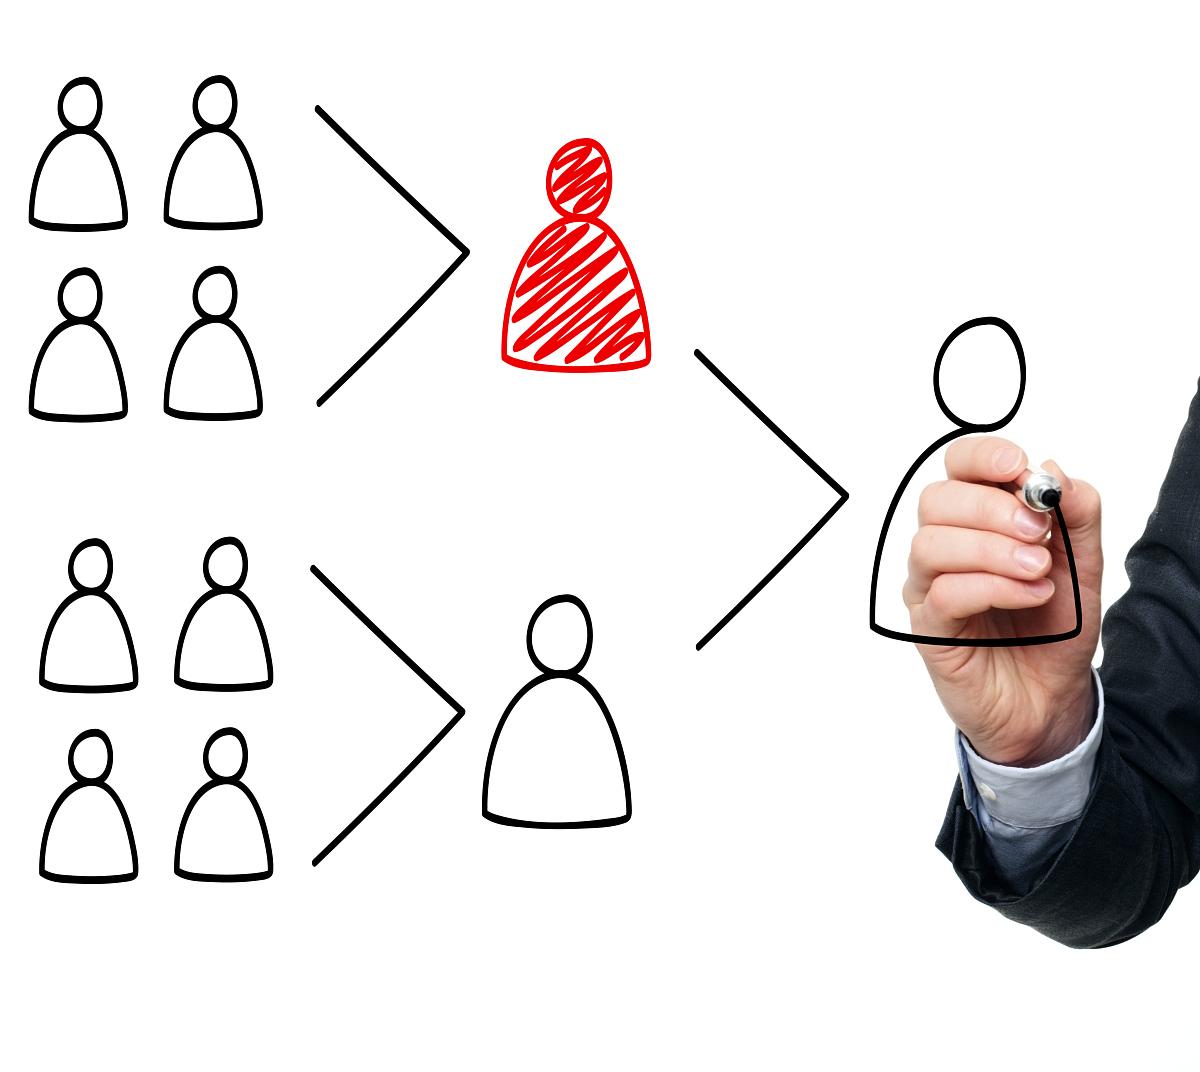 作用_业务人员说明团队领导者的关键作用